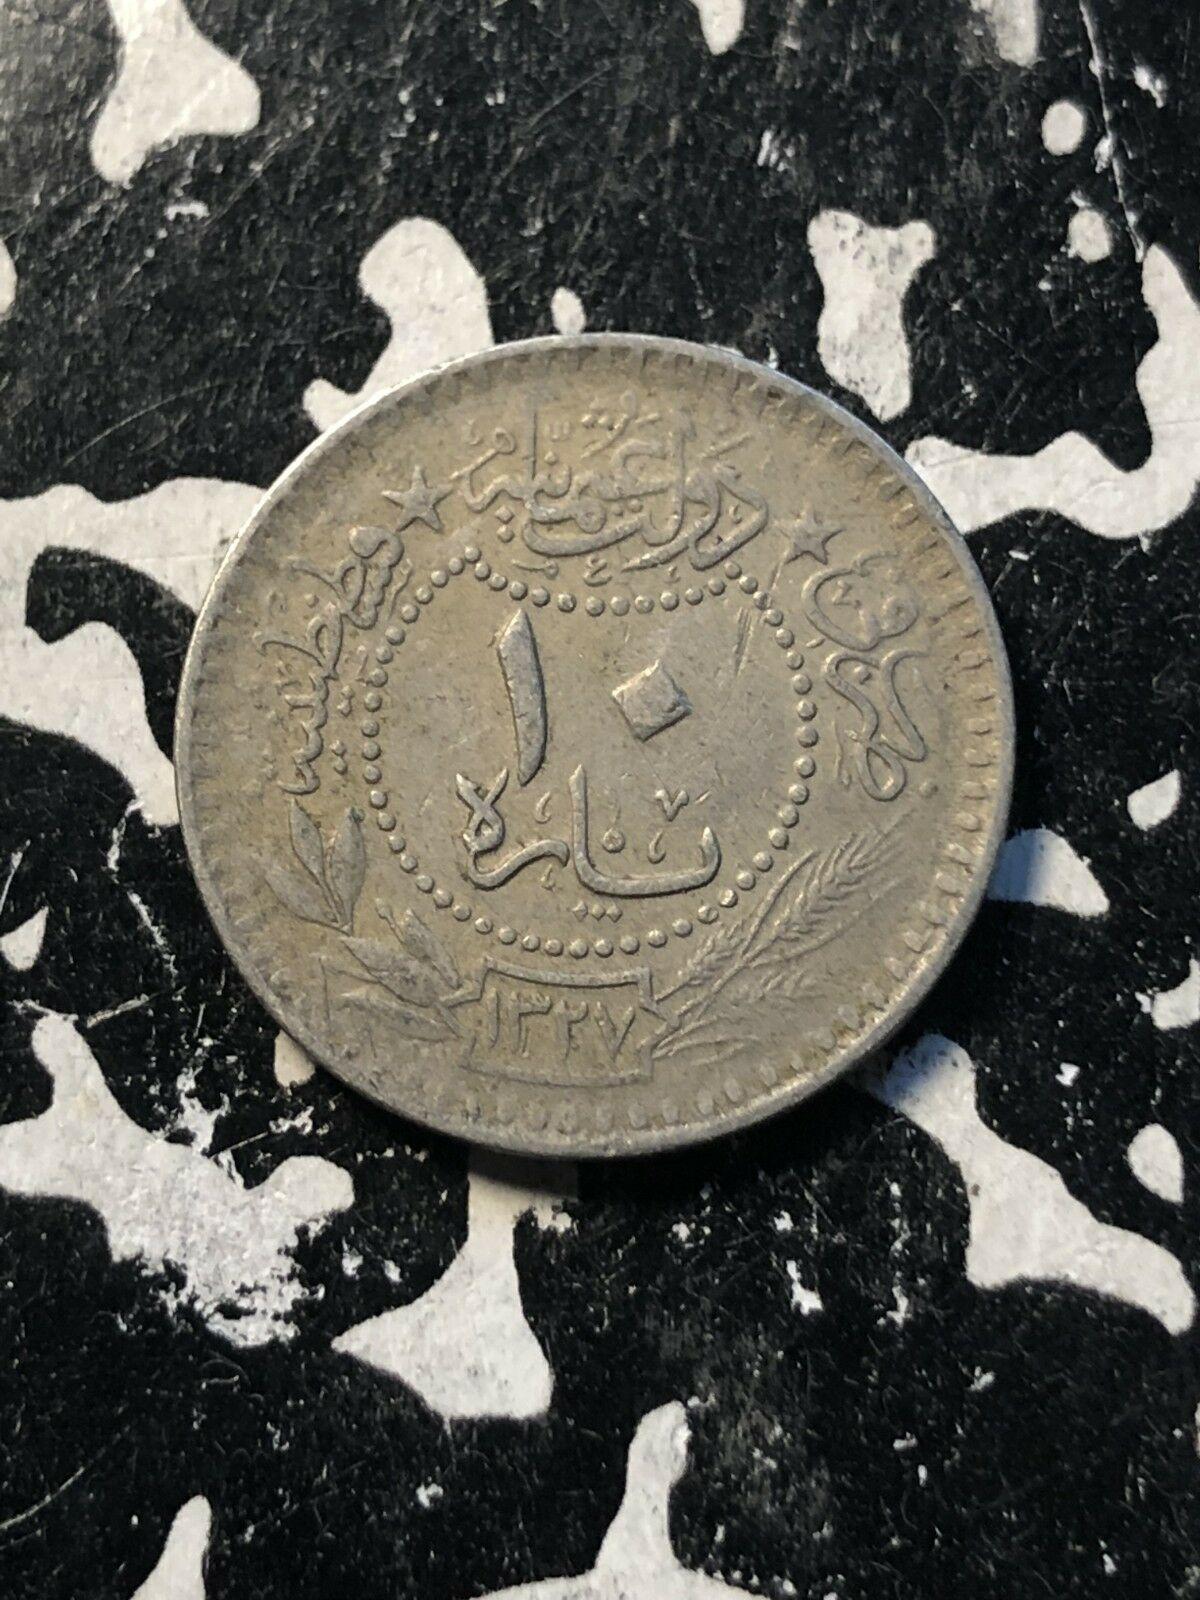 Ah 1327 Yr. 3 (1911) Tacchino 10 Para (3 Disponibile) Circolate (1 Moneta solo)